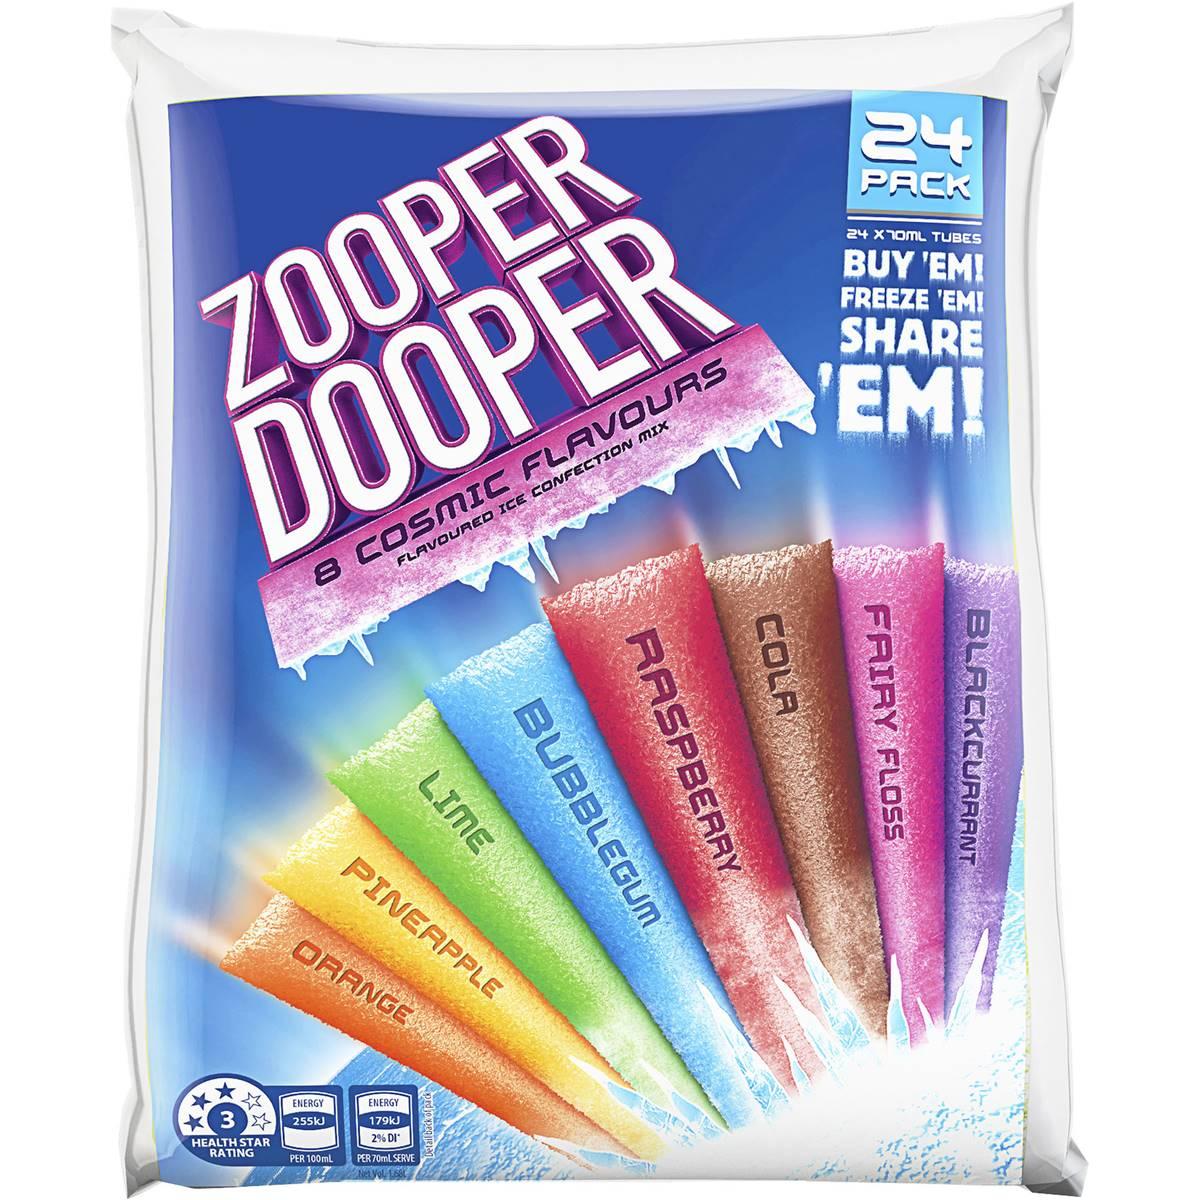 Zooper Doopers are 20 VIVOs